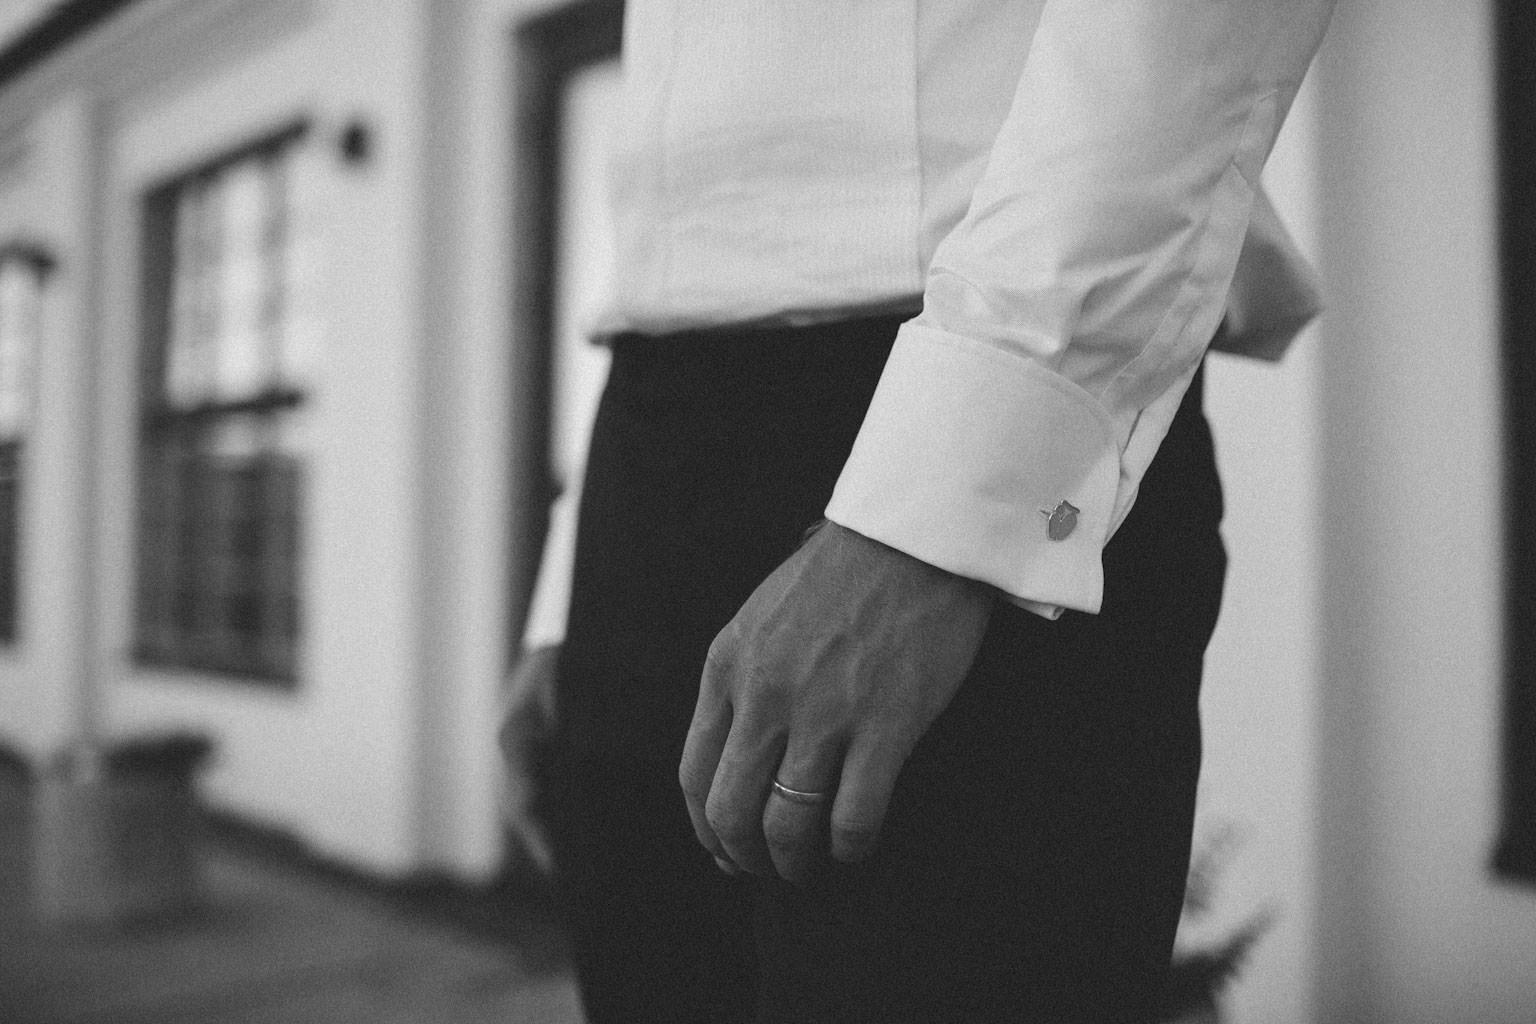 Detalj på manschettknapp från LIMANI. Plats är Norrgavelhuset, Kafferosteriet på Österlen. - numera Örum 119. Kläder är från Oscar Jacobsson. Foto: Tove Lundquist, verksam bröllopsfotograf på Österlen.